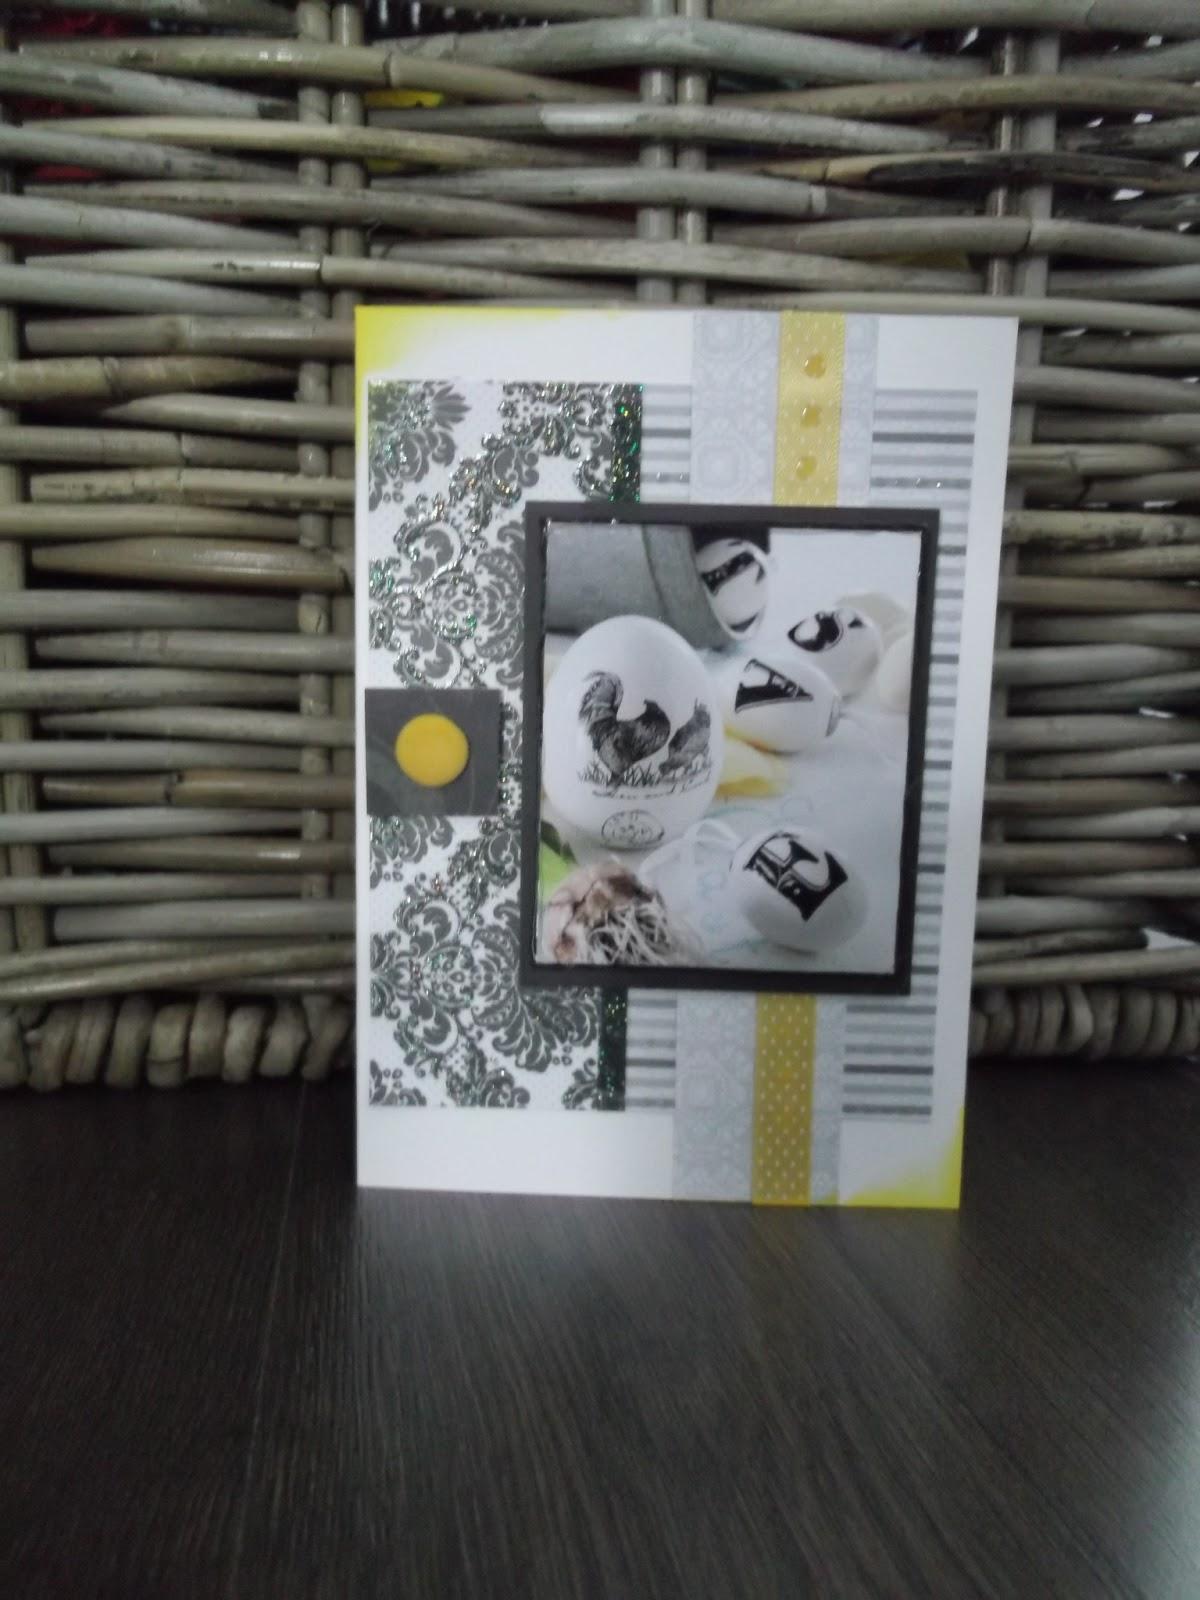 Itsetehty pääsiäiskortti. Kuva, jossa pääsiäismunat koristeltu kirjaimin